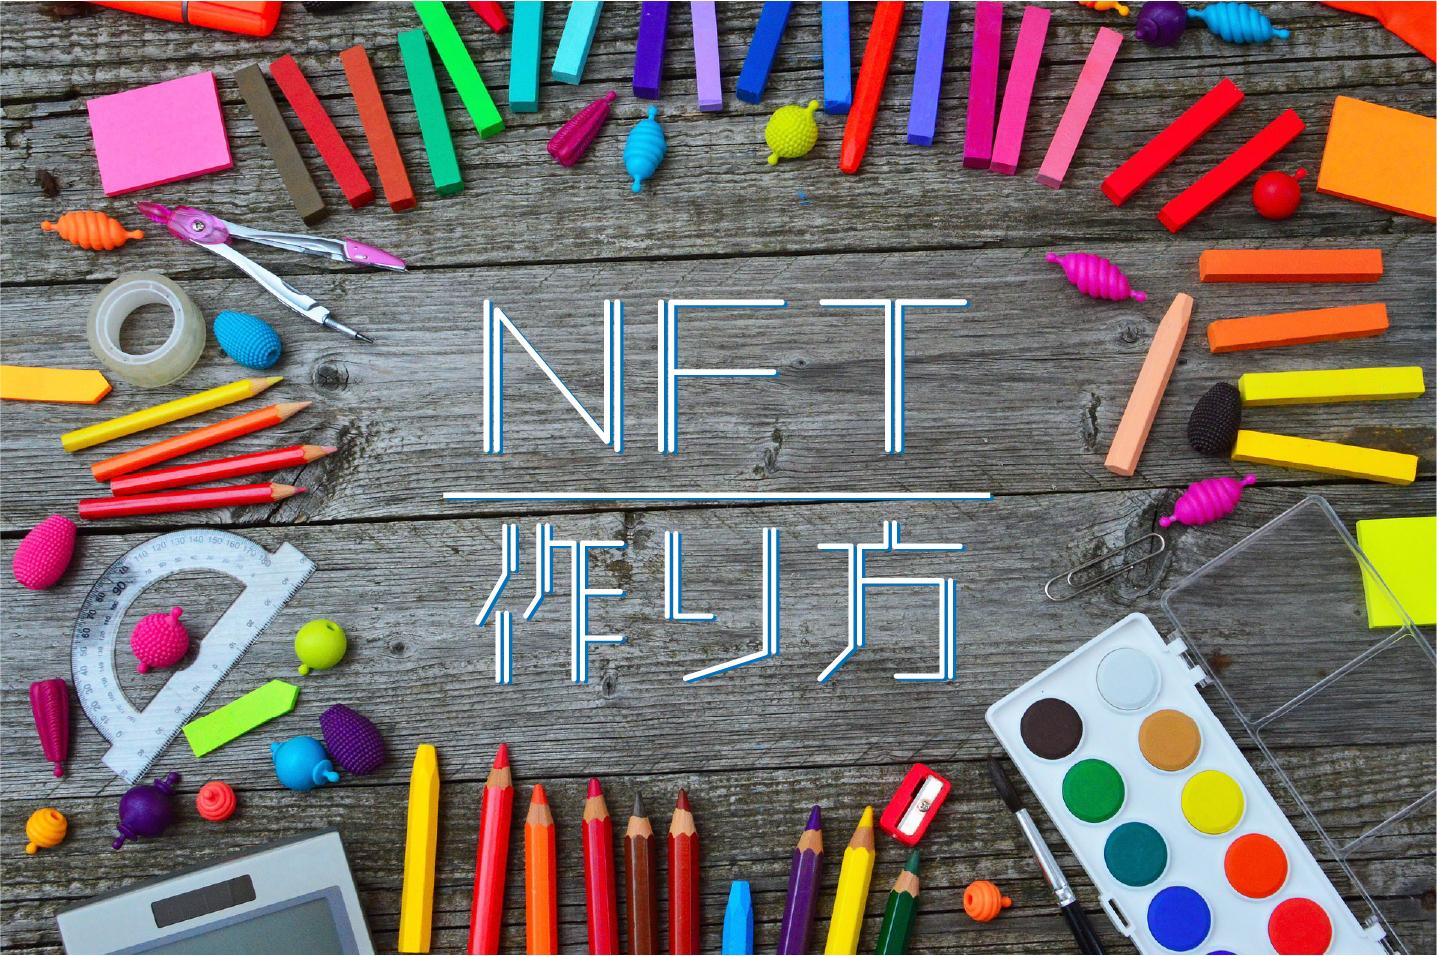 NFT作品の作り方を解説します【結論:マーケットに出すだけ】